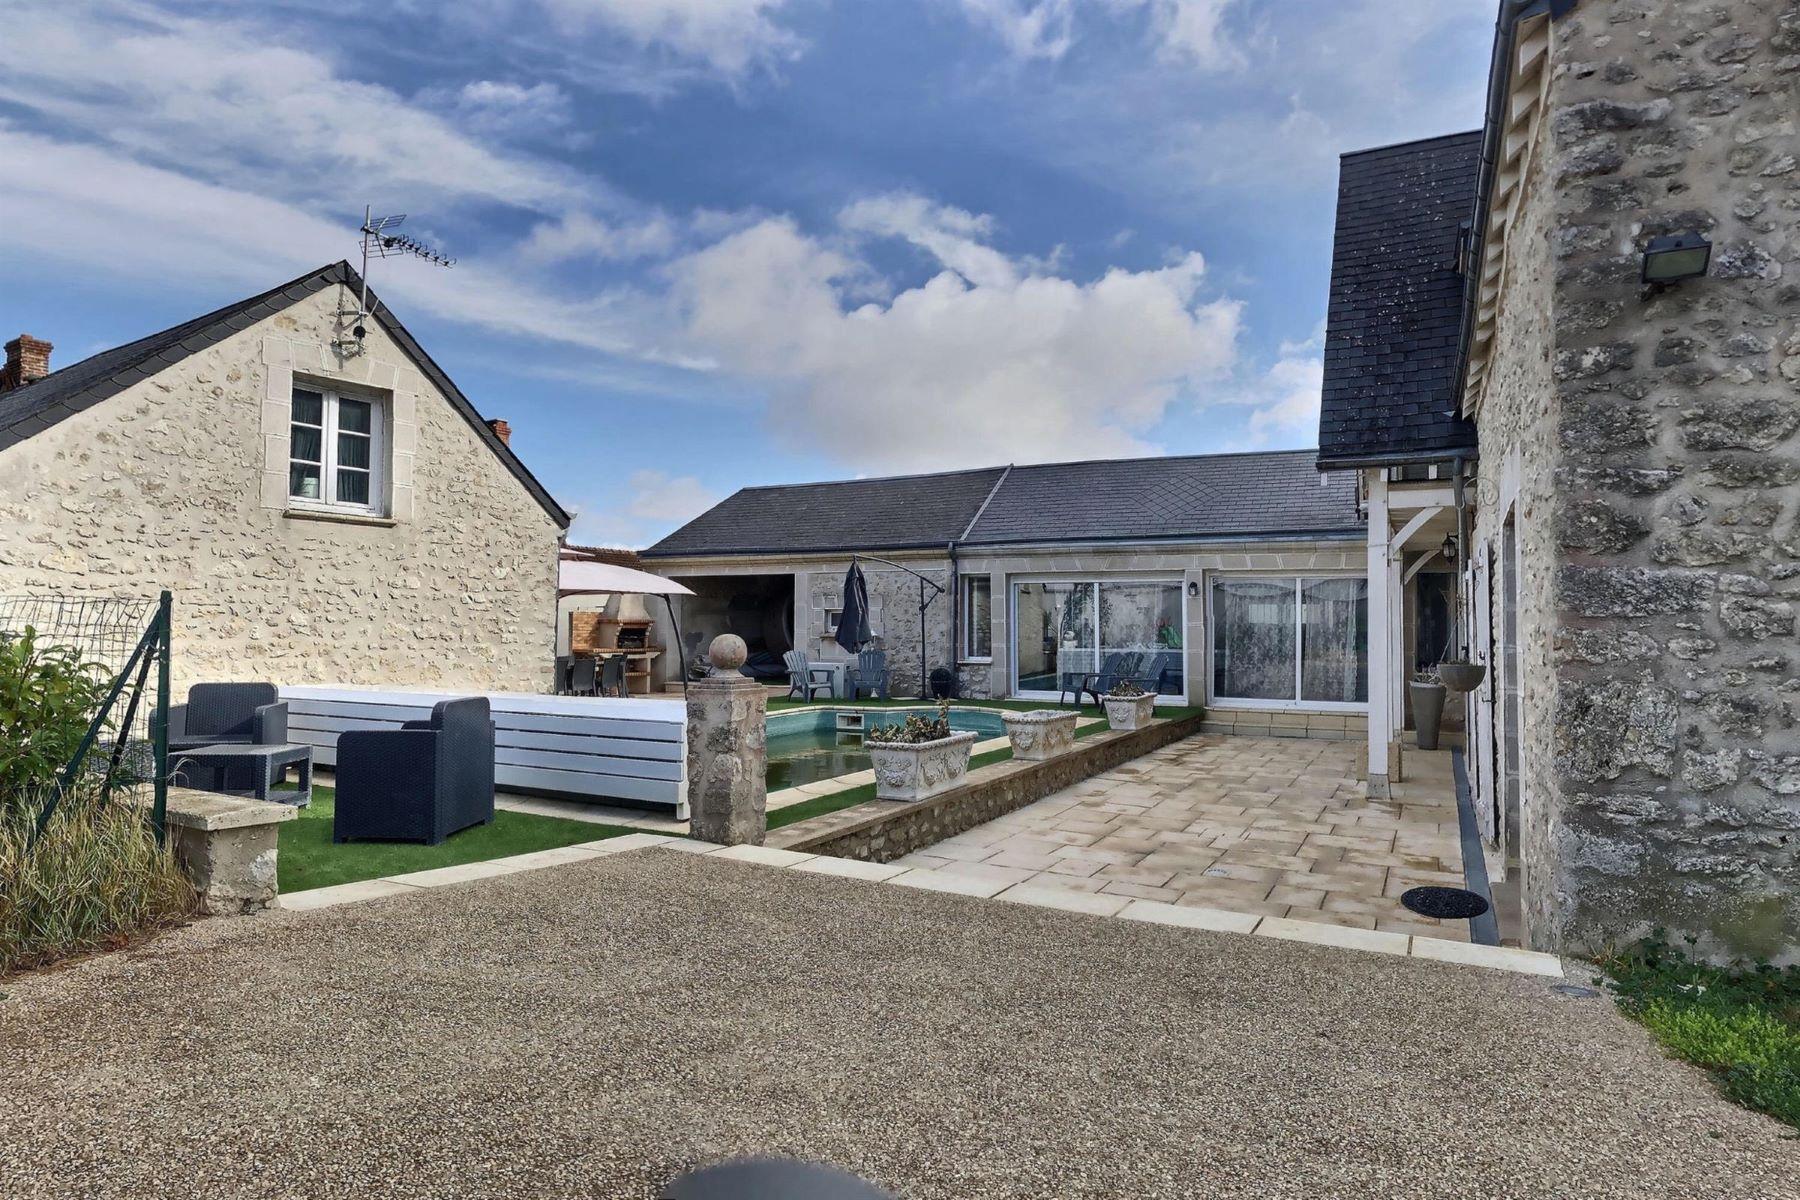 Single Family Homes for Active at Maison de caractère rénové Other Centre, Centre 45380 France